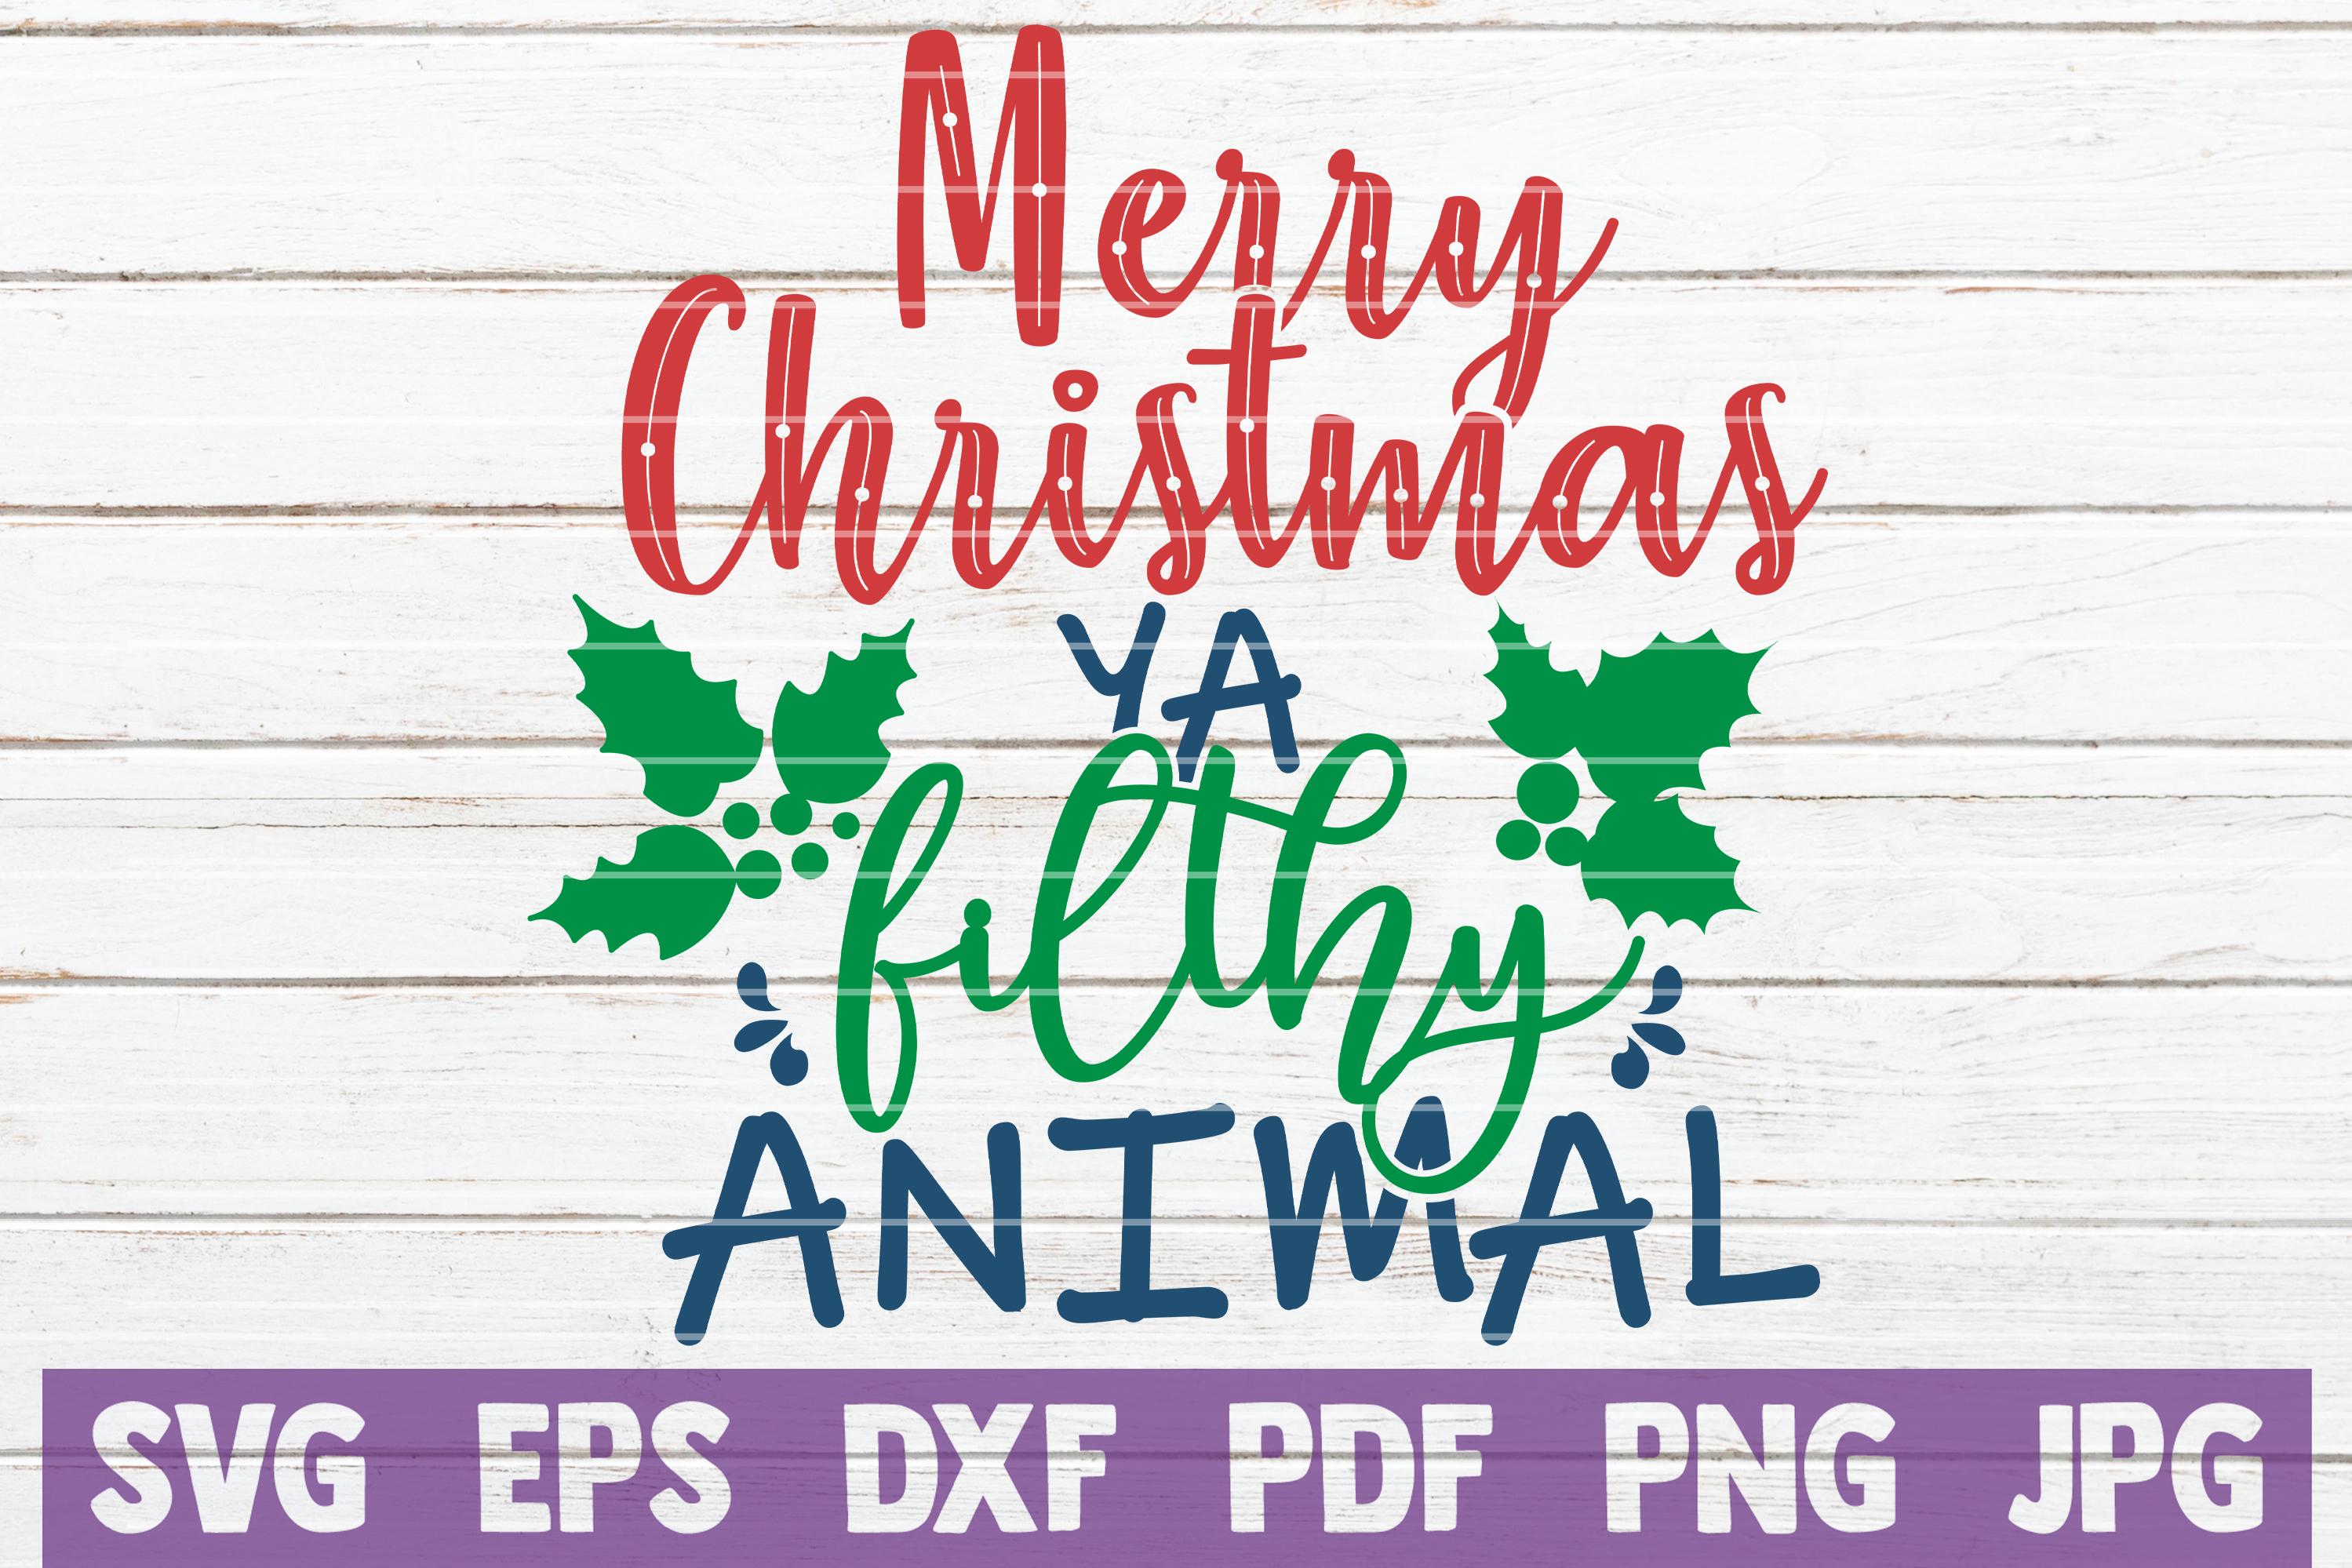 Merry Christmas Ya Filthy Animal Svg.Merry Christmas Ya Filthy Animal Svg Cut File